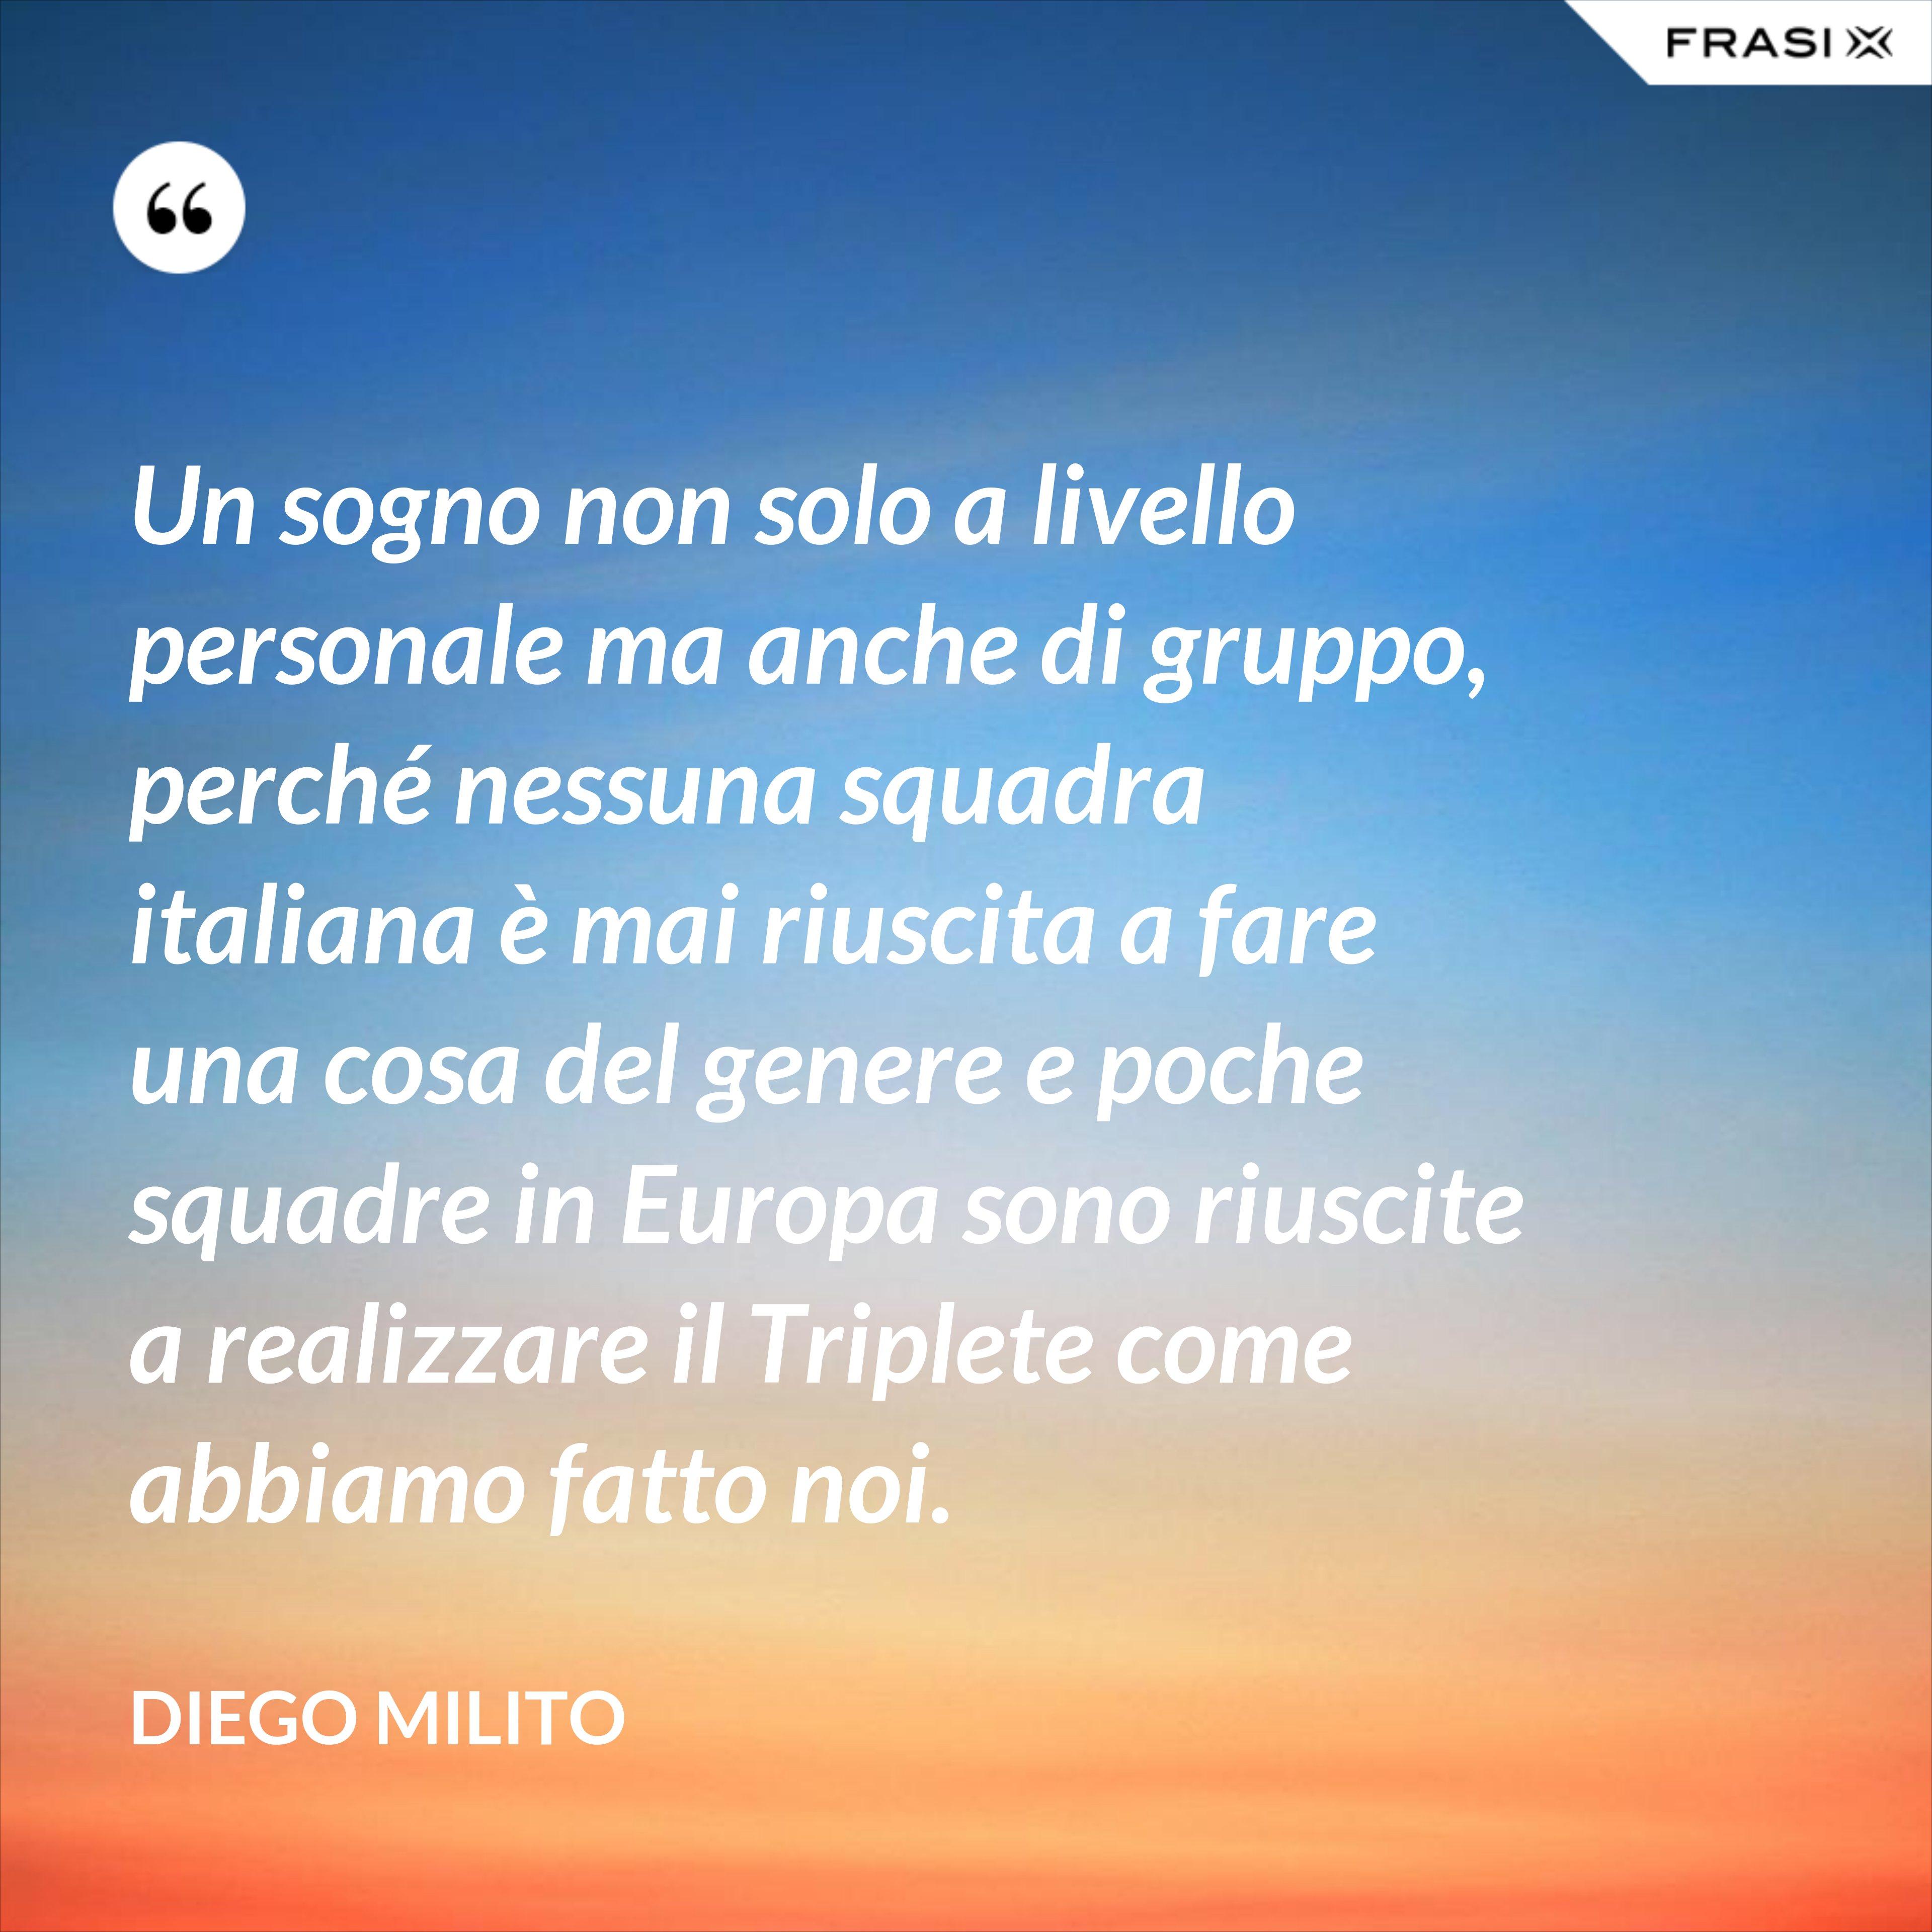 Un sogno non solo a livello personale ma anche di gruppo, perché nessuna squadra italiana è mai riuscita a fare una cosa del genere e poche squadre in Europa sono riuscite a realizzare il Triplete come abbiamo fatto noi. - Diego Milito